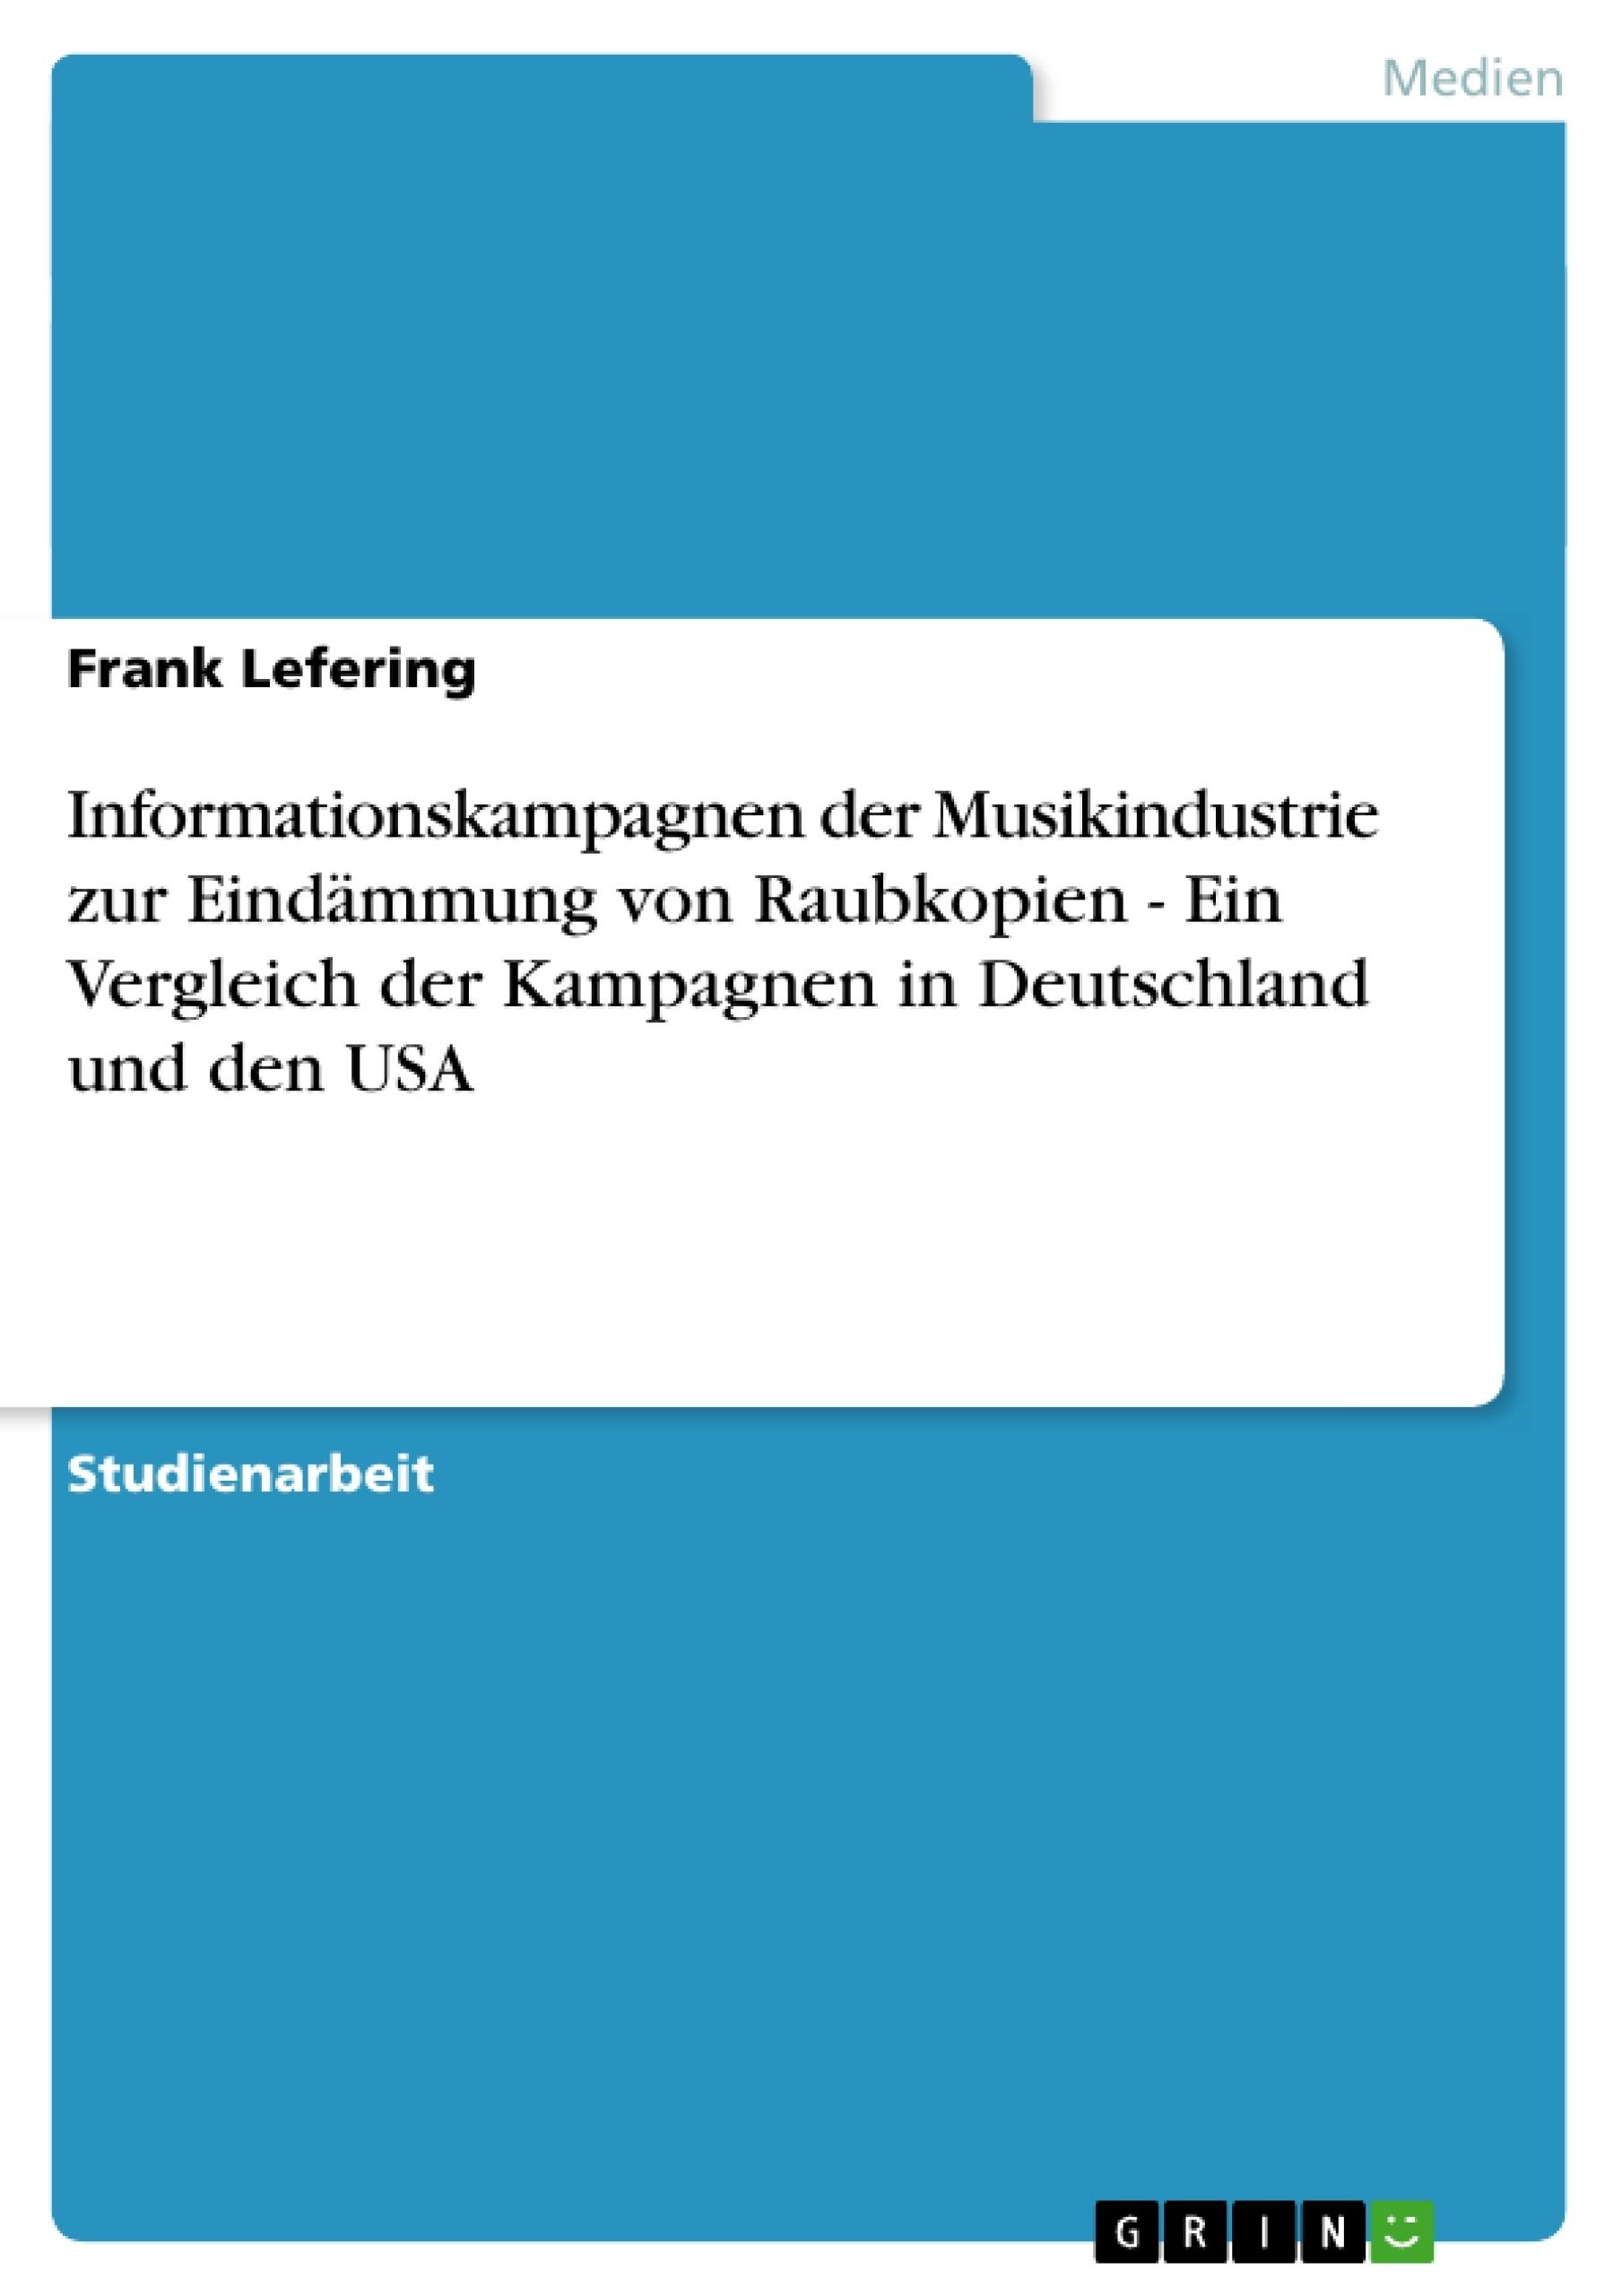 Titel: Informationskampagnen der Musikindustrie zur Eindämmung von Raubkopien - Ein Vergleich der Kampagnen in Deutschland und den USA